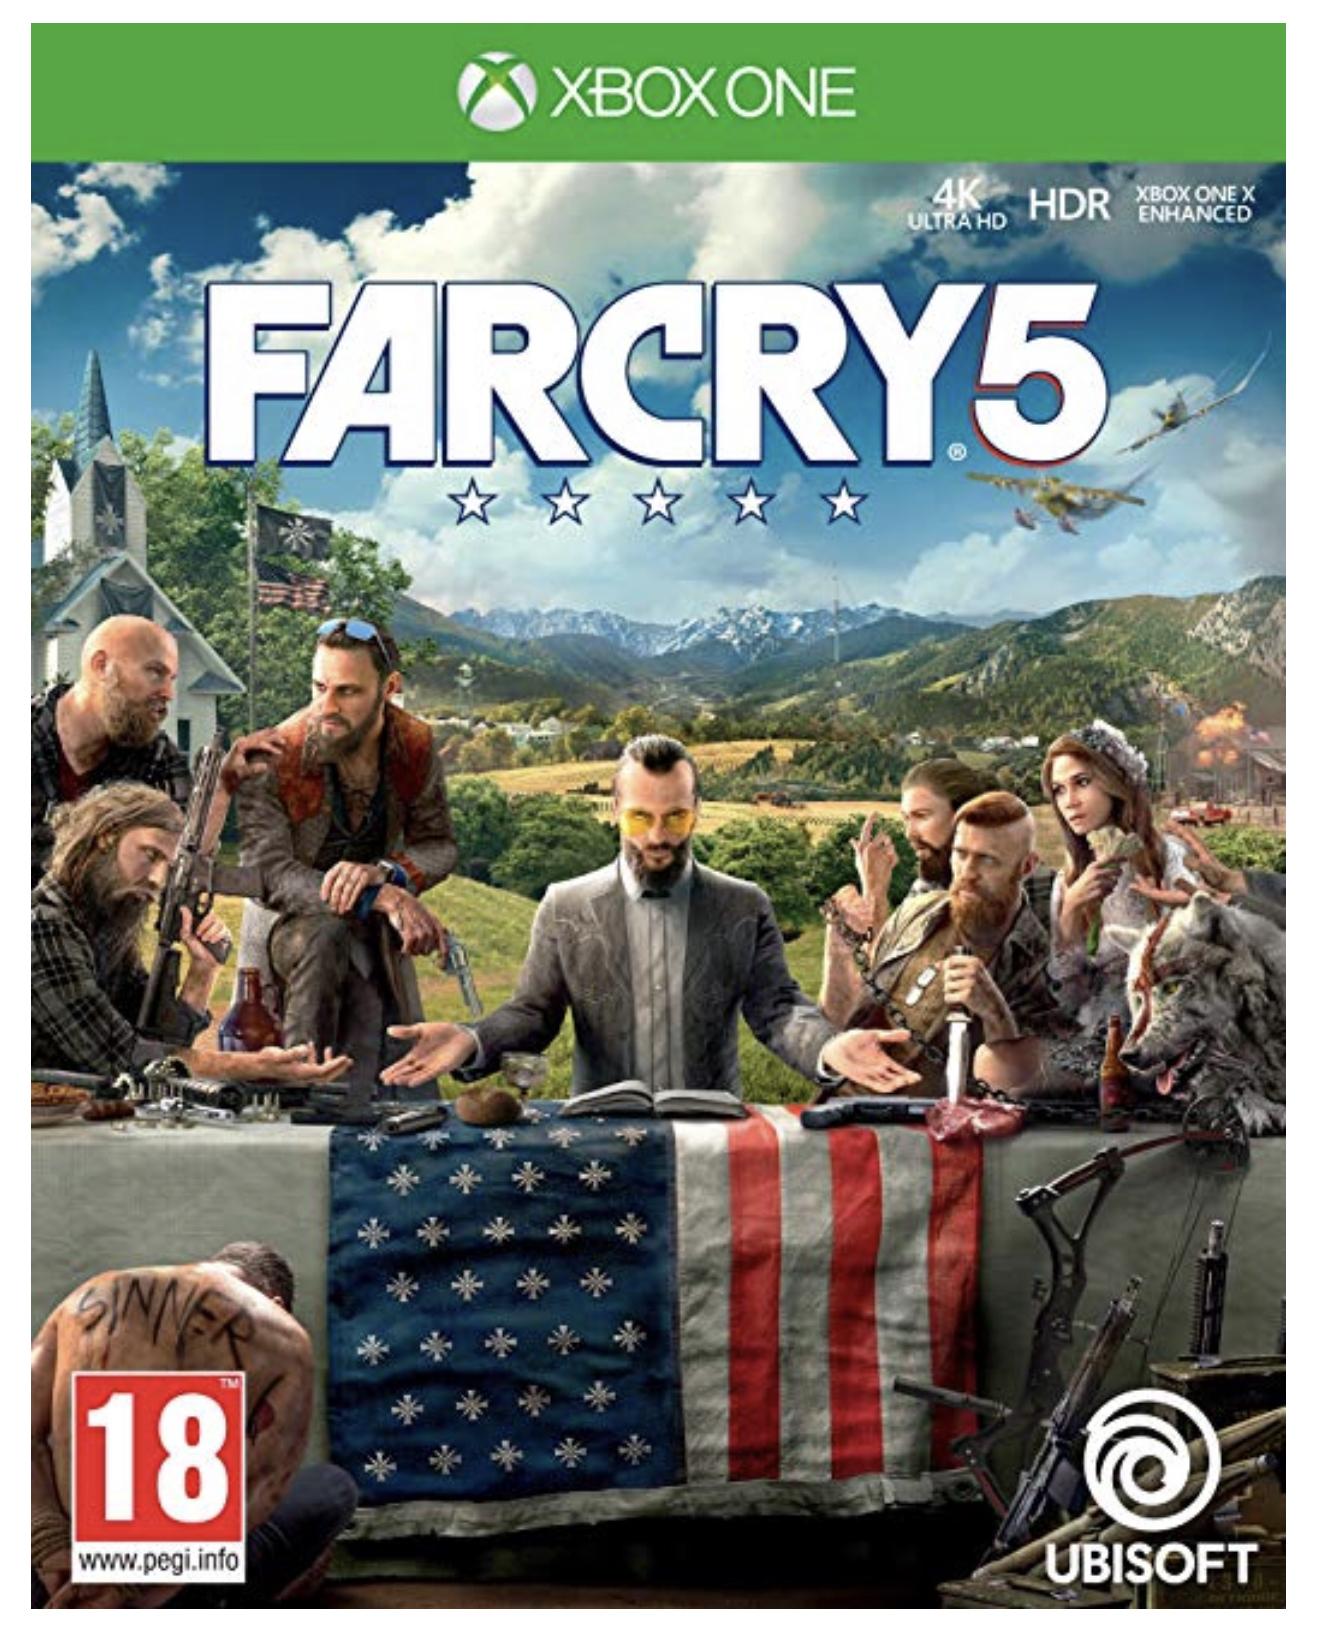 [Amazon UK] Far Cry 5 Xbox One für 27,31€ inkl. Versandkosten